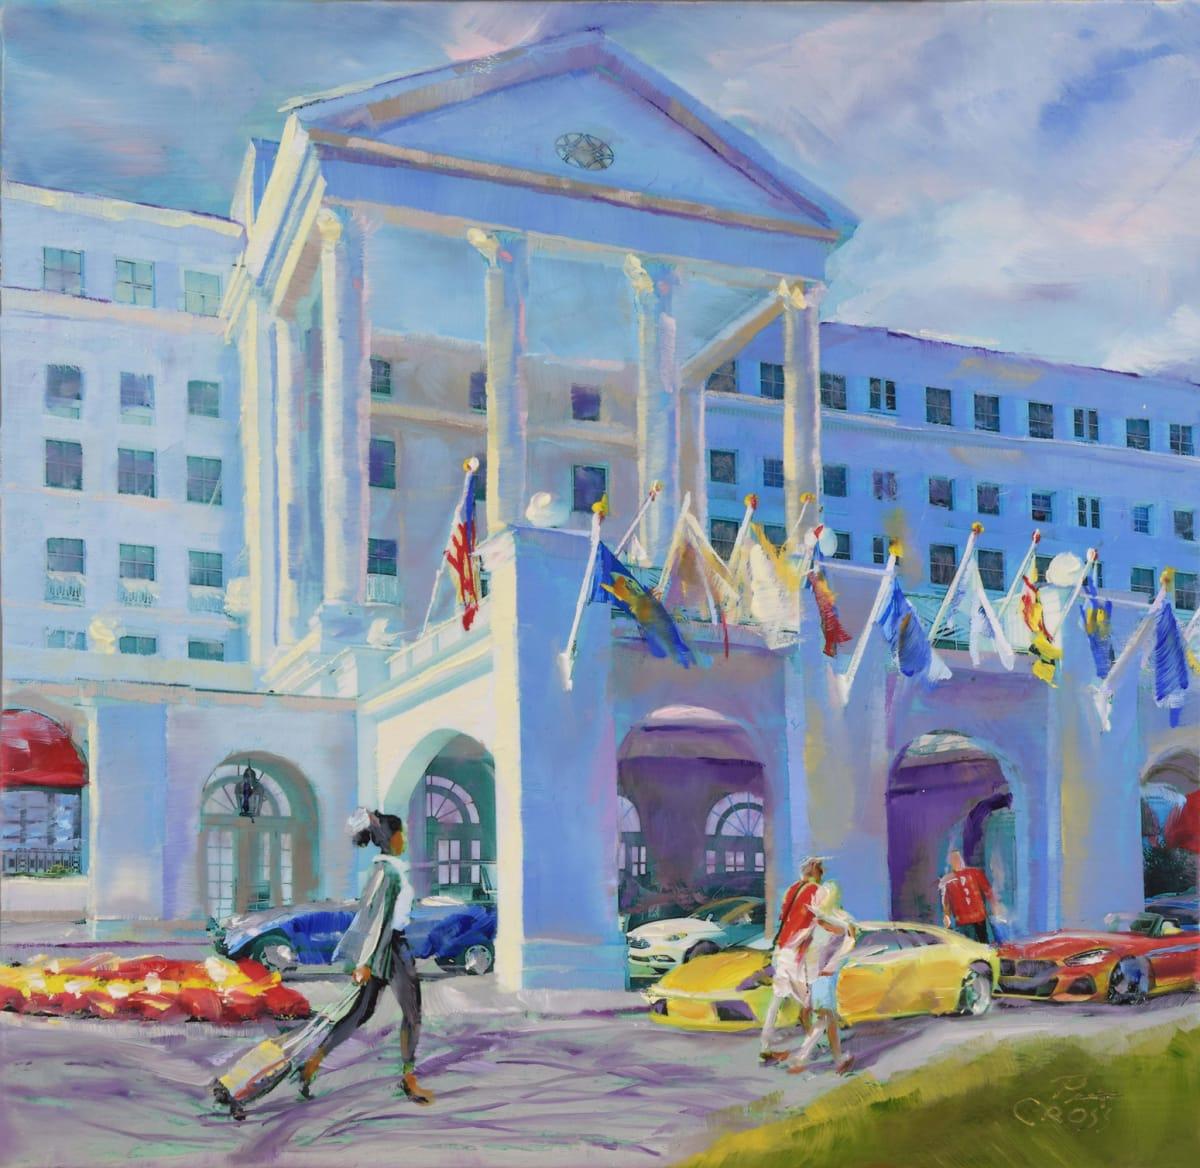 Greenbrier Hotel Jubilee by Pat Cross